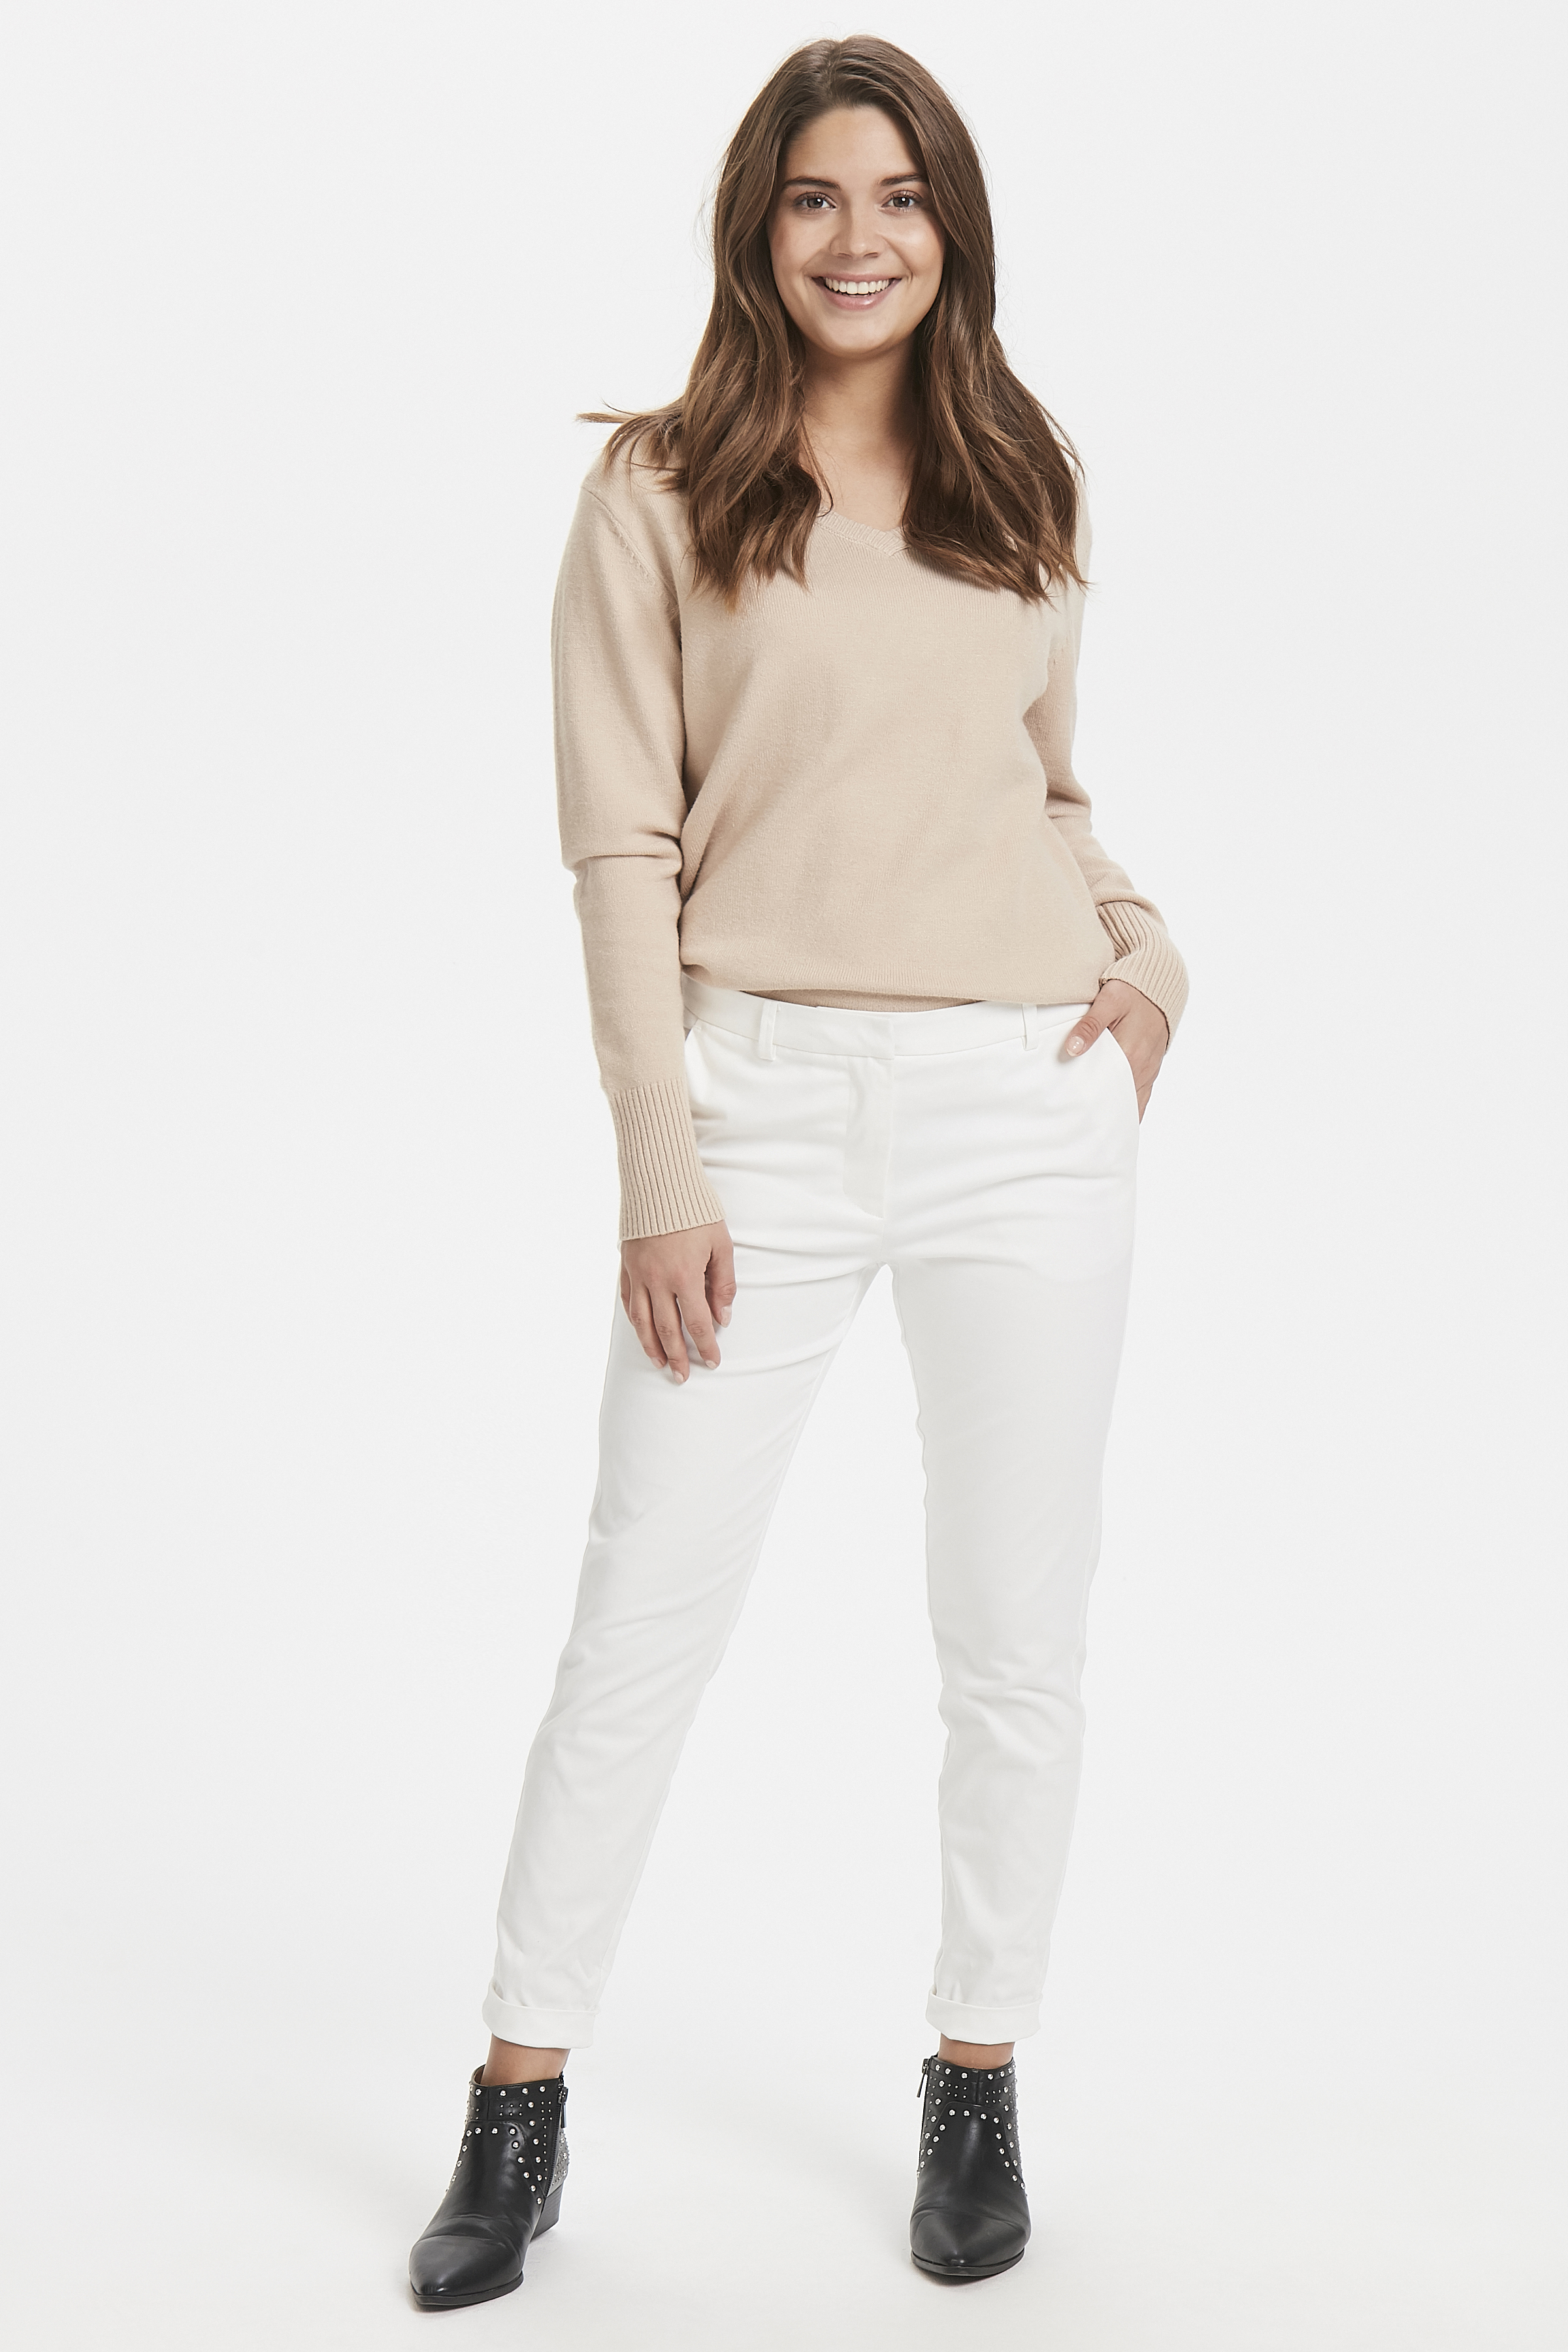 Off White Pants Suiting von b.young – Kaufen Sie Off White Pants Suiting aus Größe 34-46 hier